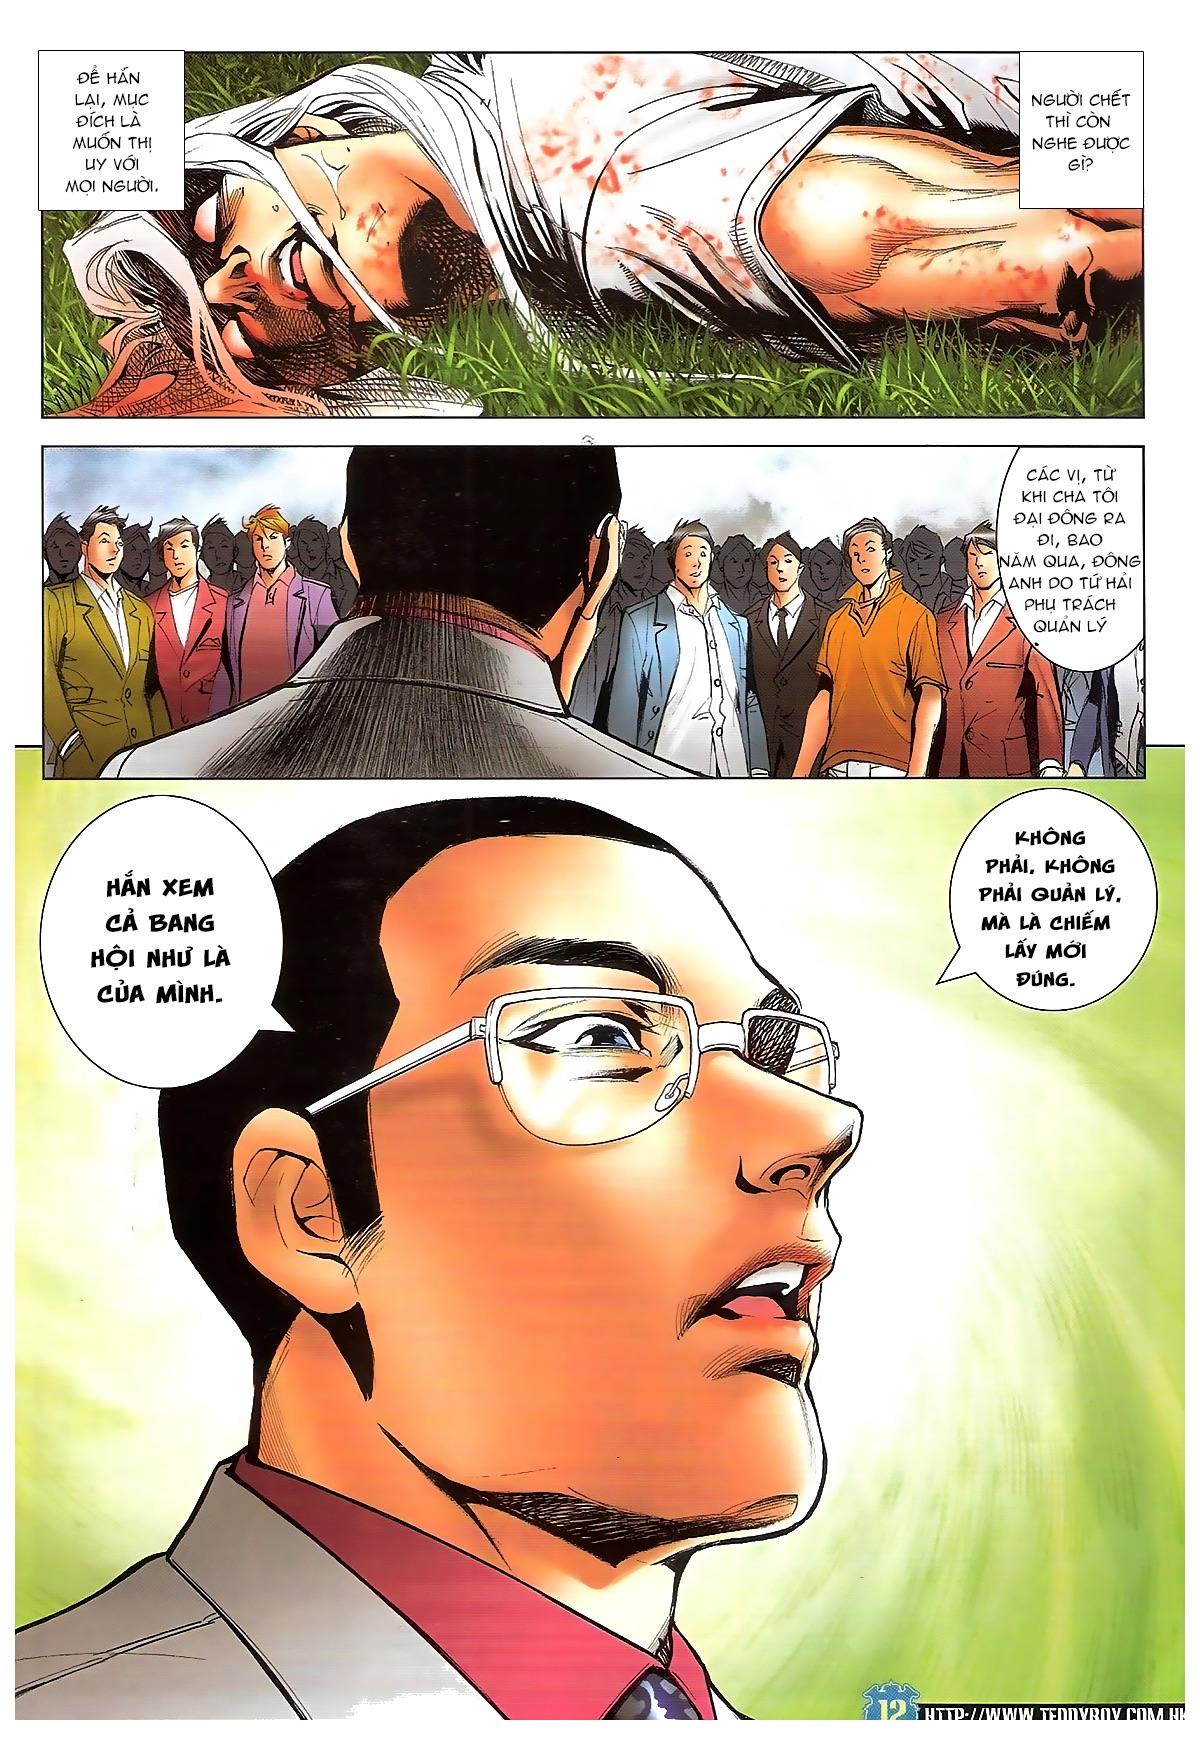 Người Trong Giang Hồ - Ngũ Hổ qui thiên - Chapter 1730: Phổ tuyển Long Đầu - Pic 10